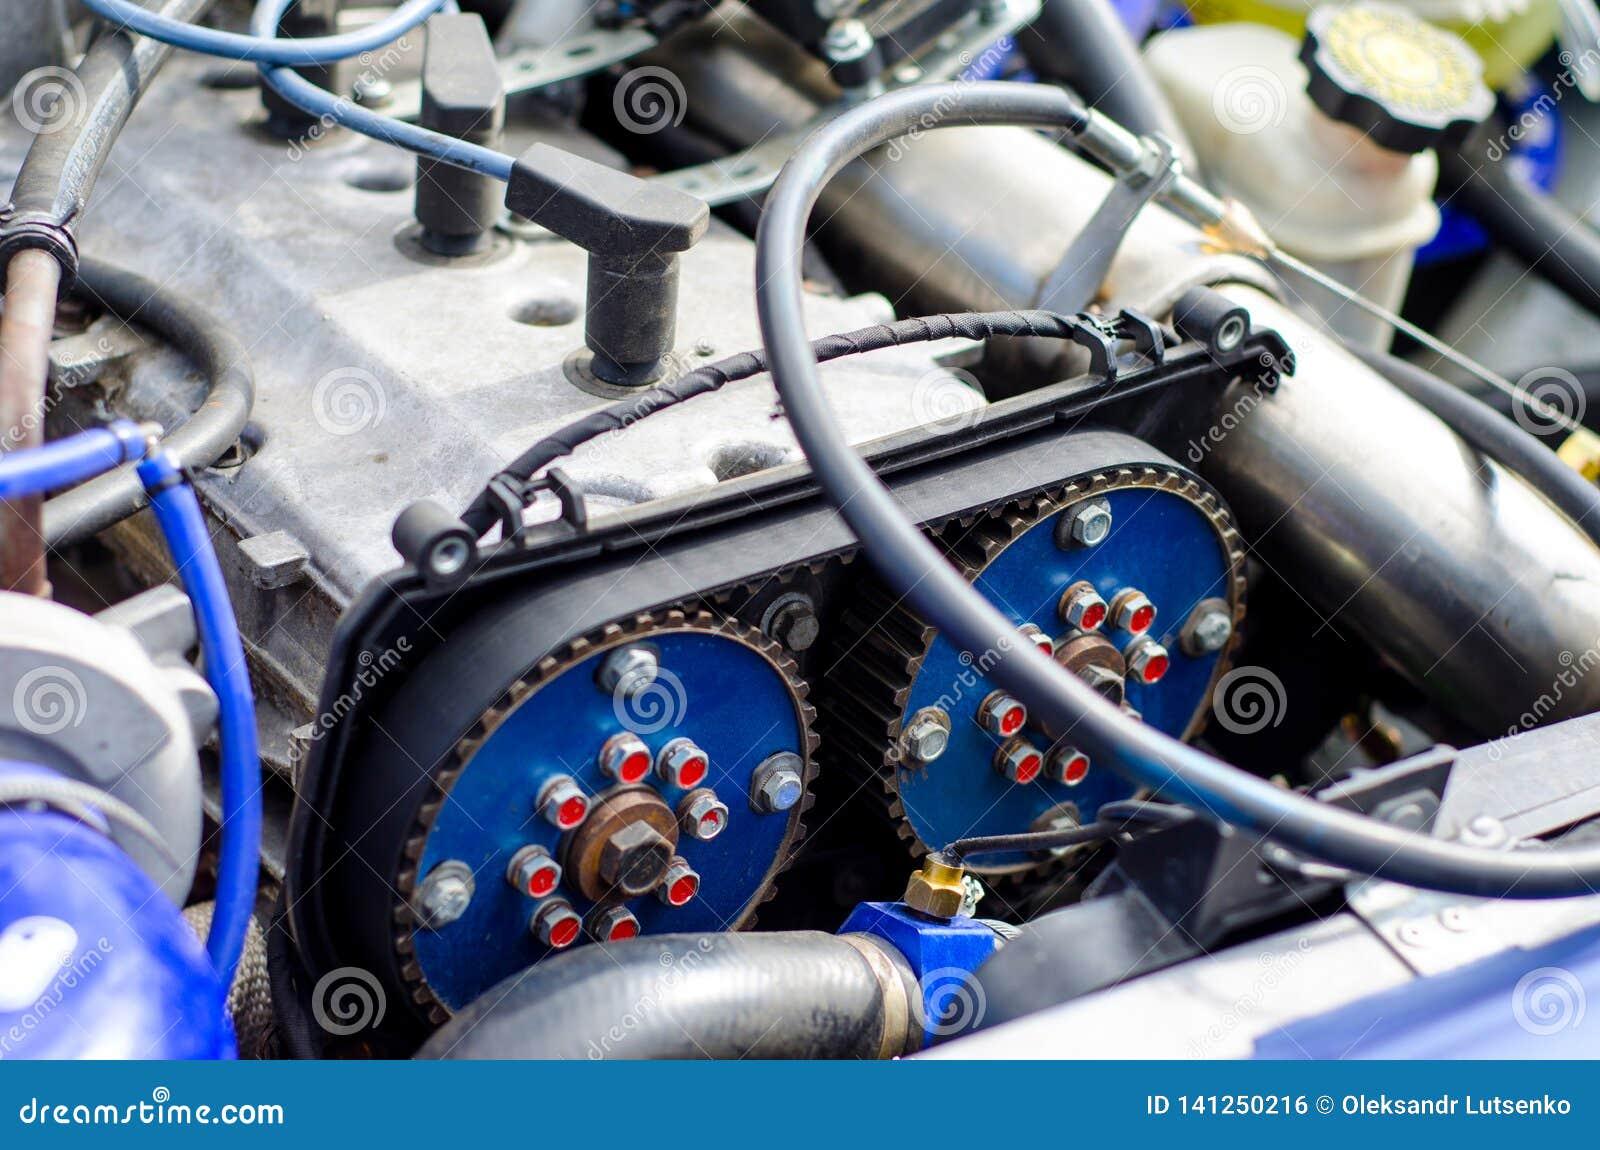 Timing belt and camshaft sprocket in engine